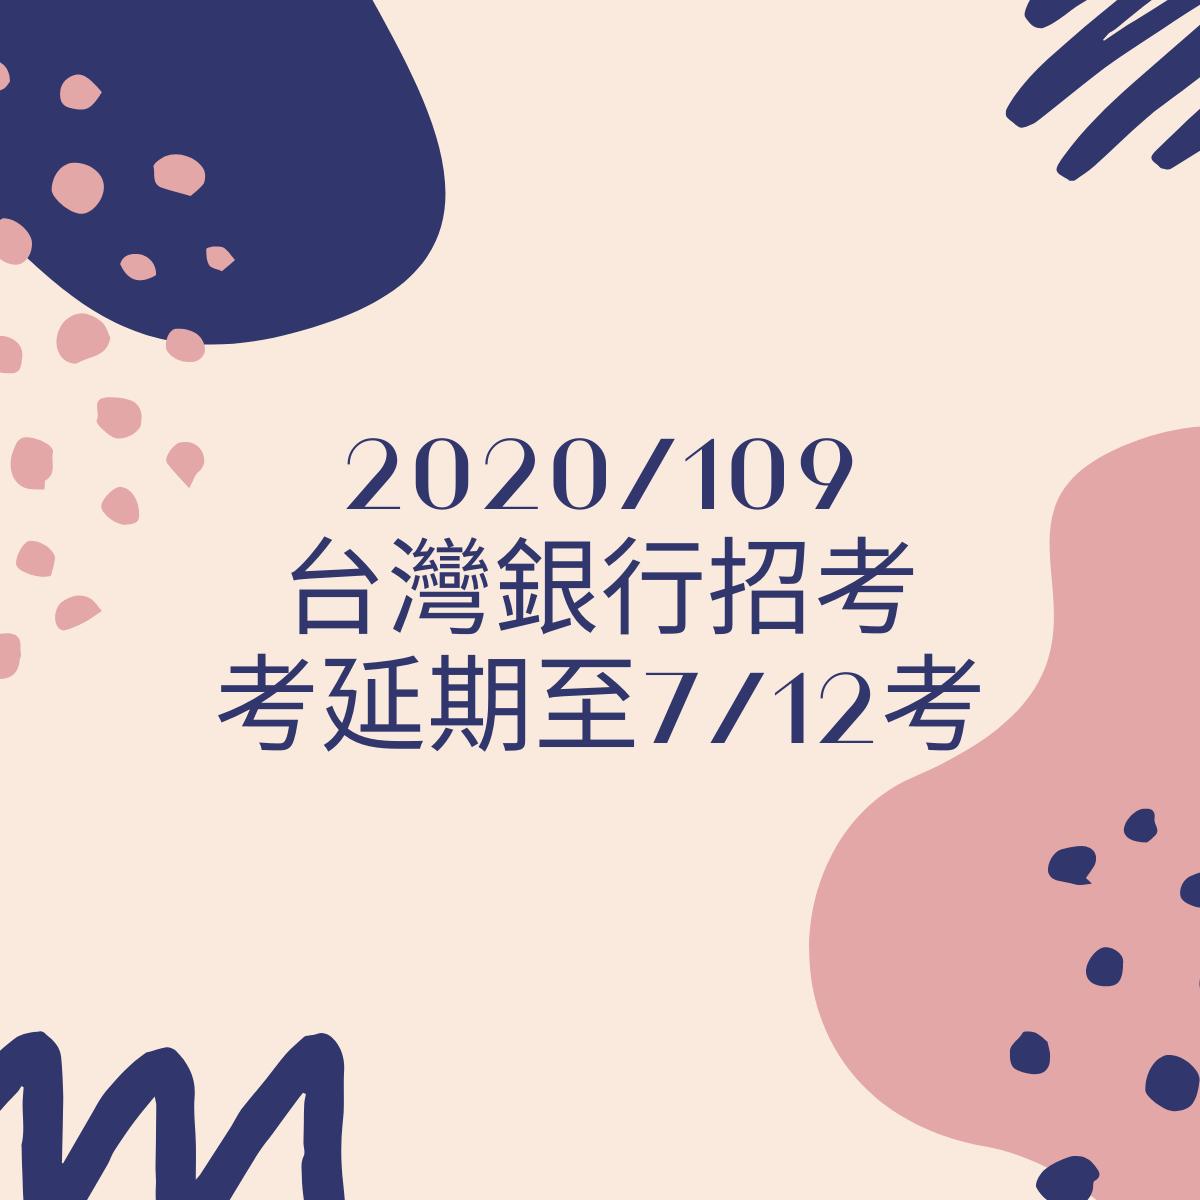 2020 109台灣銀行招考 考試時間考延期至7 12考 志光出版社 網路書局